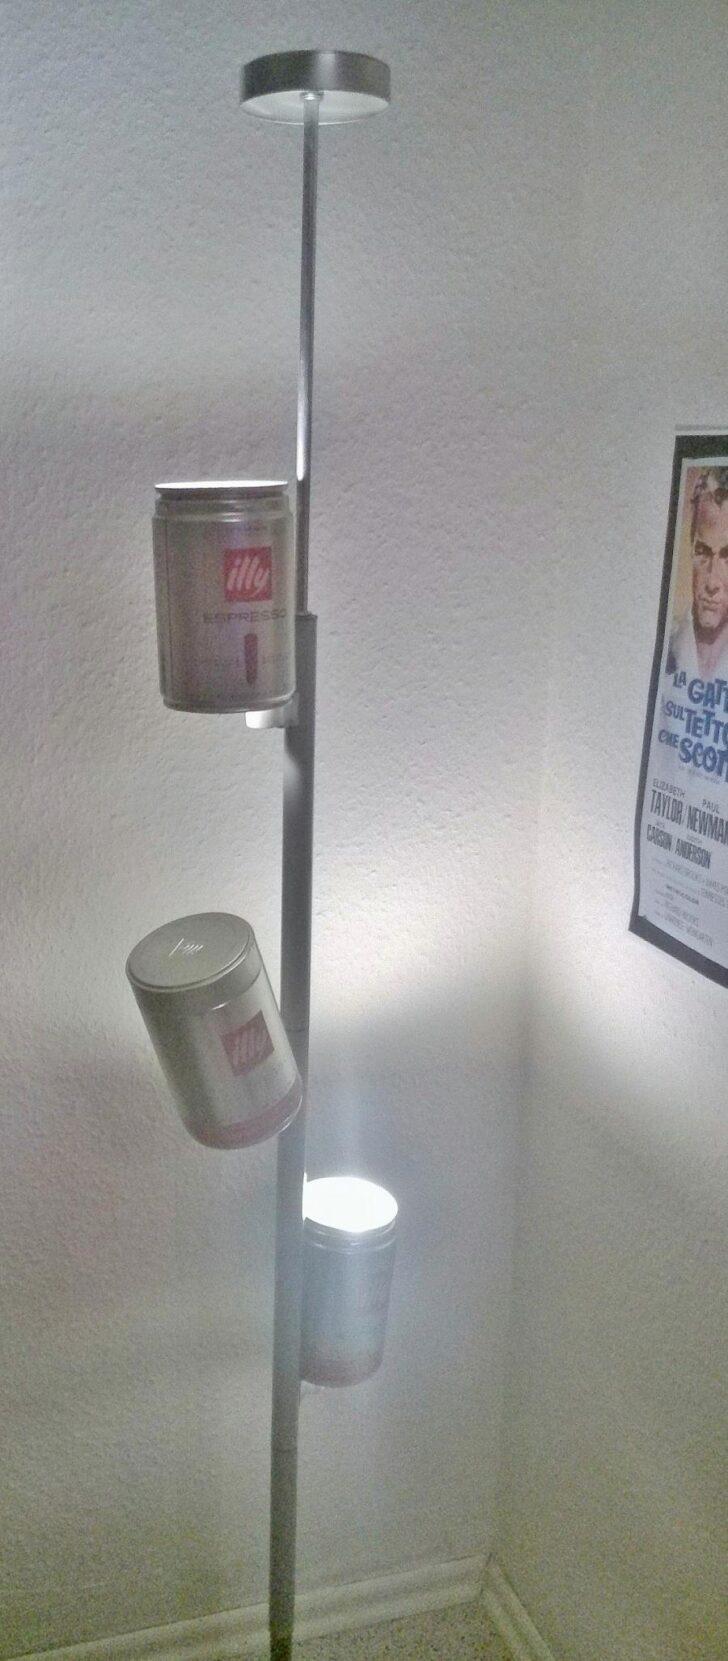 Medium Size of Ikea Stehlampe Neu Gestalten Frag Mutti Miniküche Betten Bei Sofa Mit Schlaffunktion Wohnzimmer Küche Kosten 160x200 Stehlampen Schlafzimmer Modulküche Wohnzimmer Ikea Stehlampe